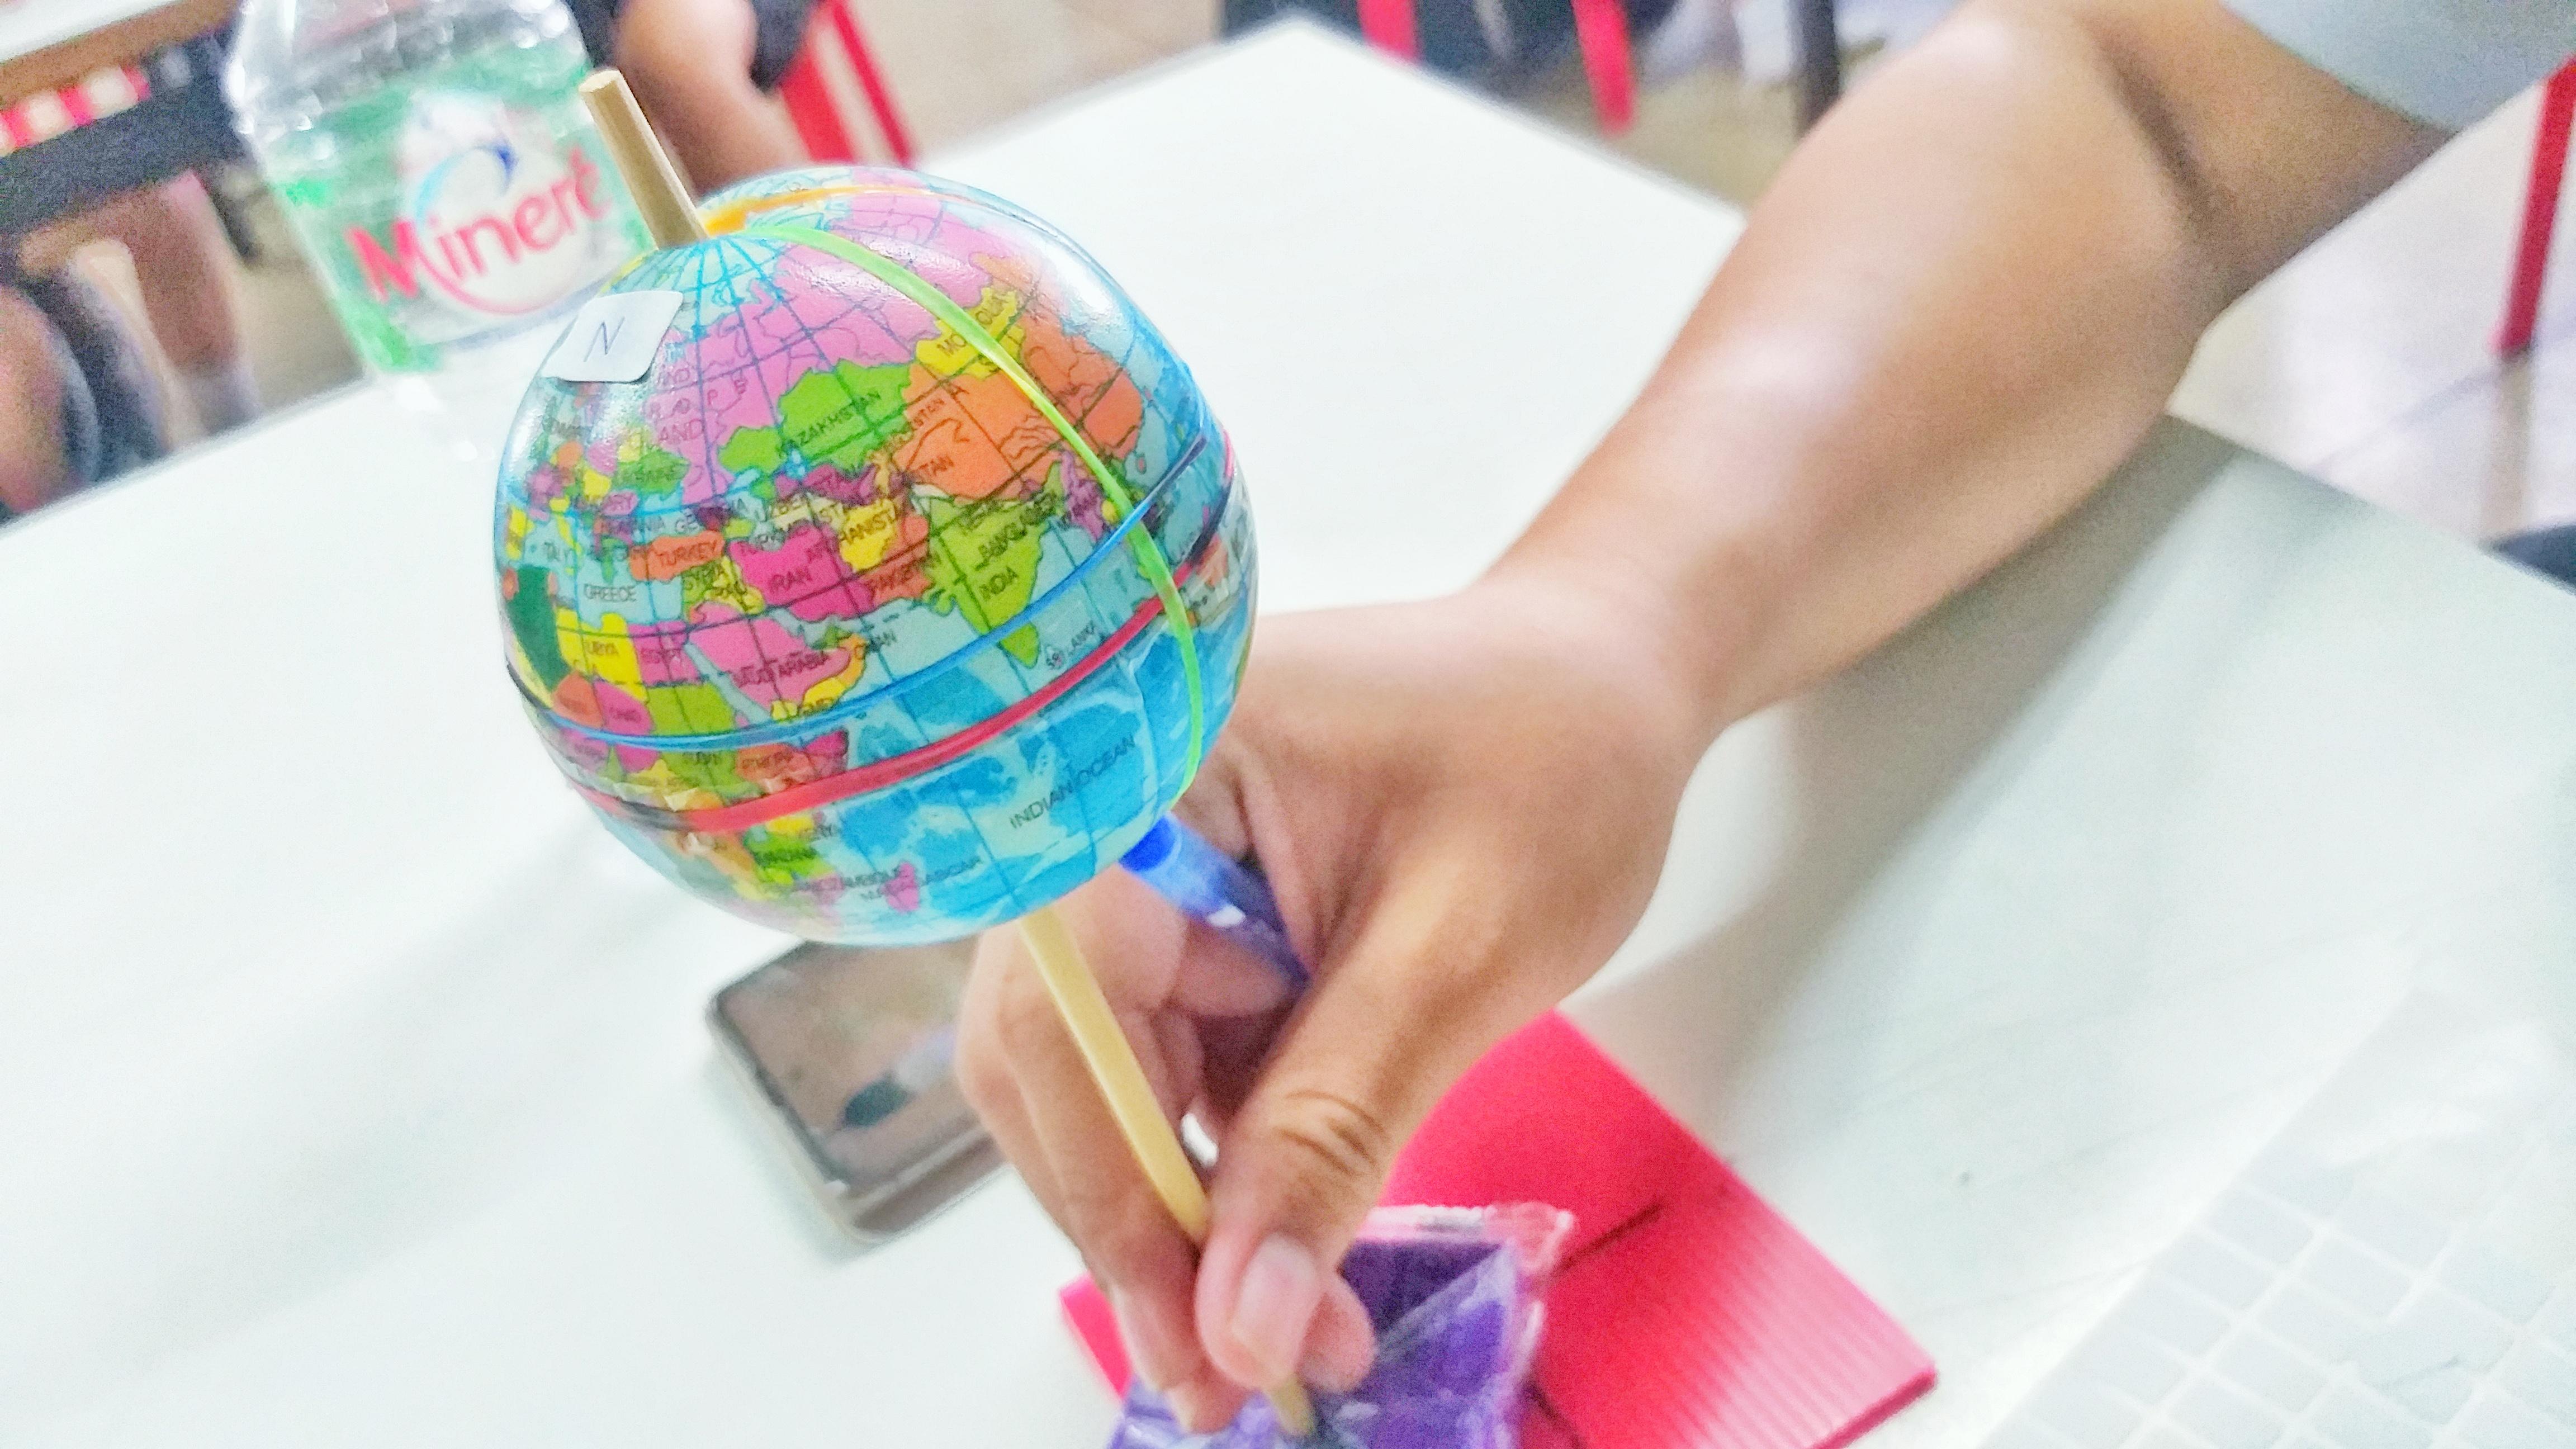 ภาพประกอบไอเดีย โลก ดาราศาสตร์ การเรียนที่เด็กจับต้องได้